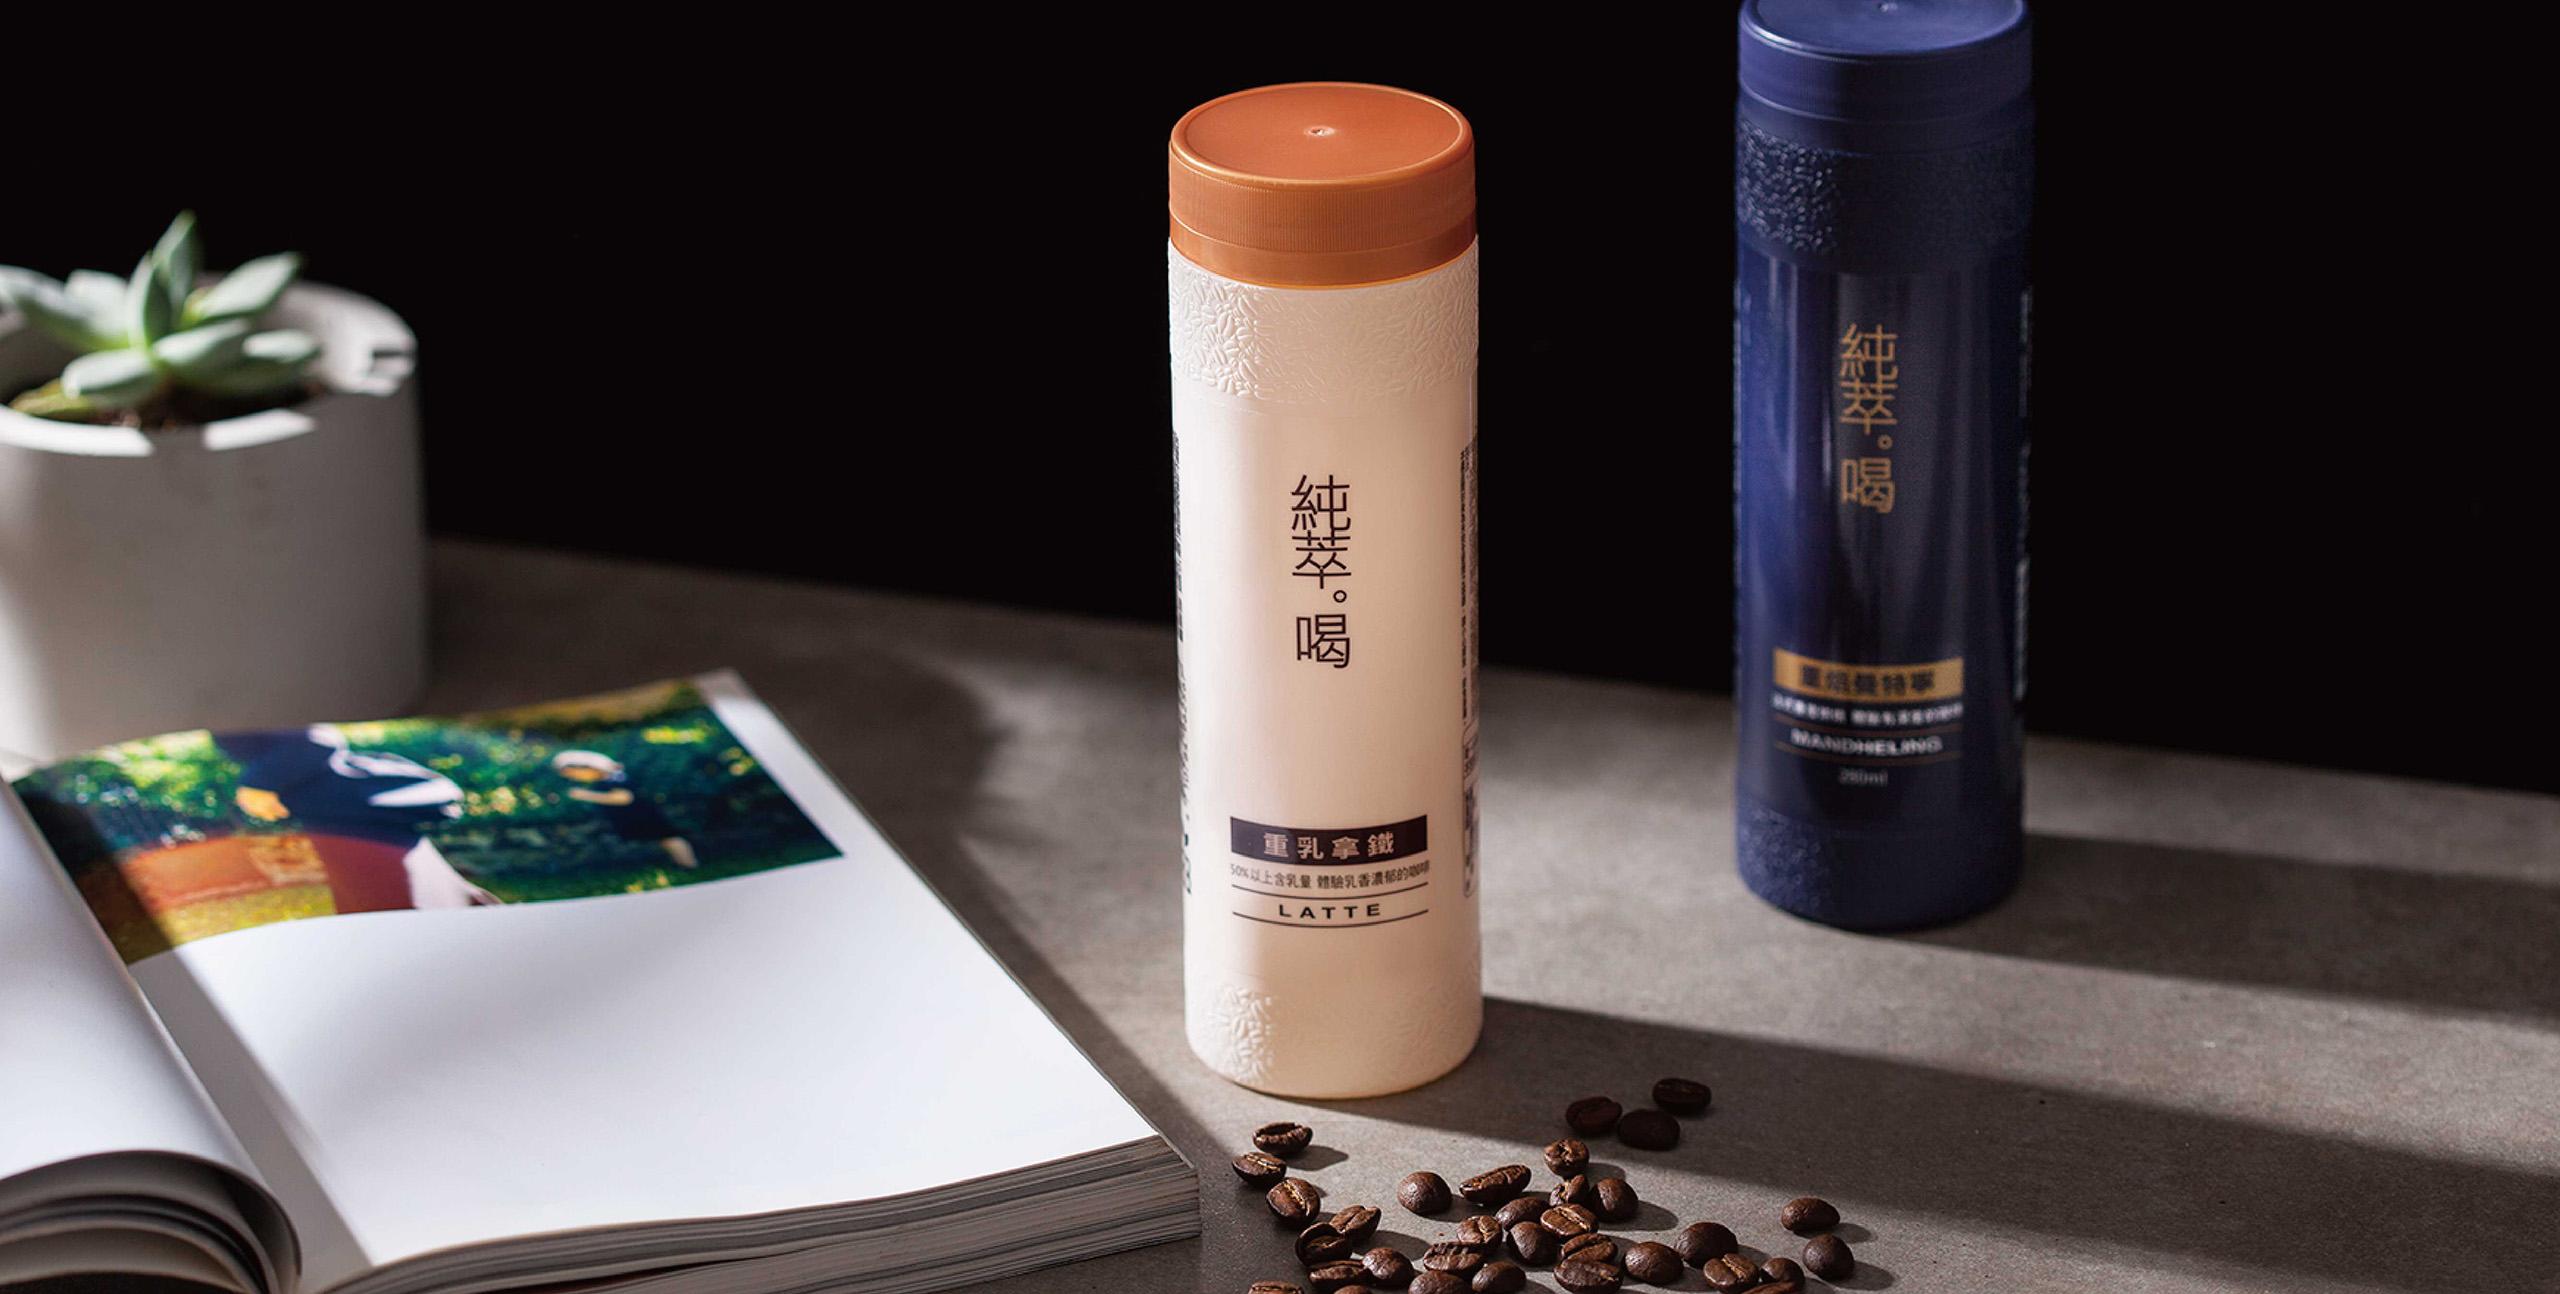 純萃喝 瓶裝飲料包裝設計